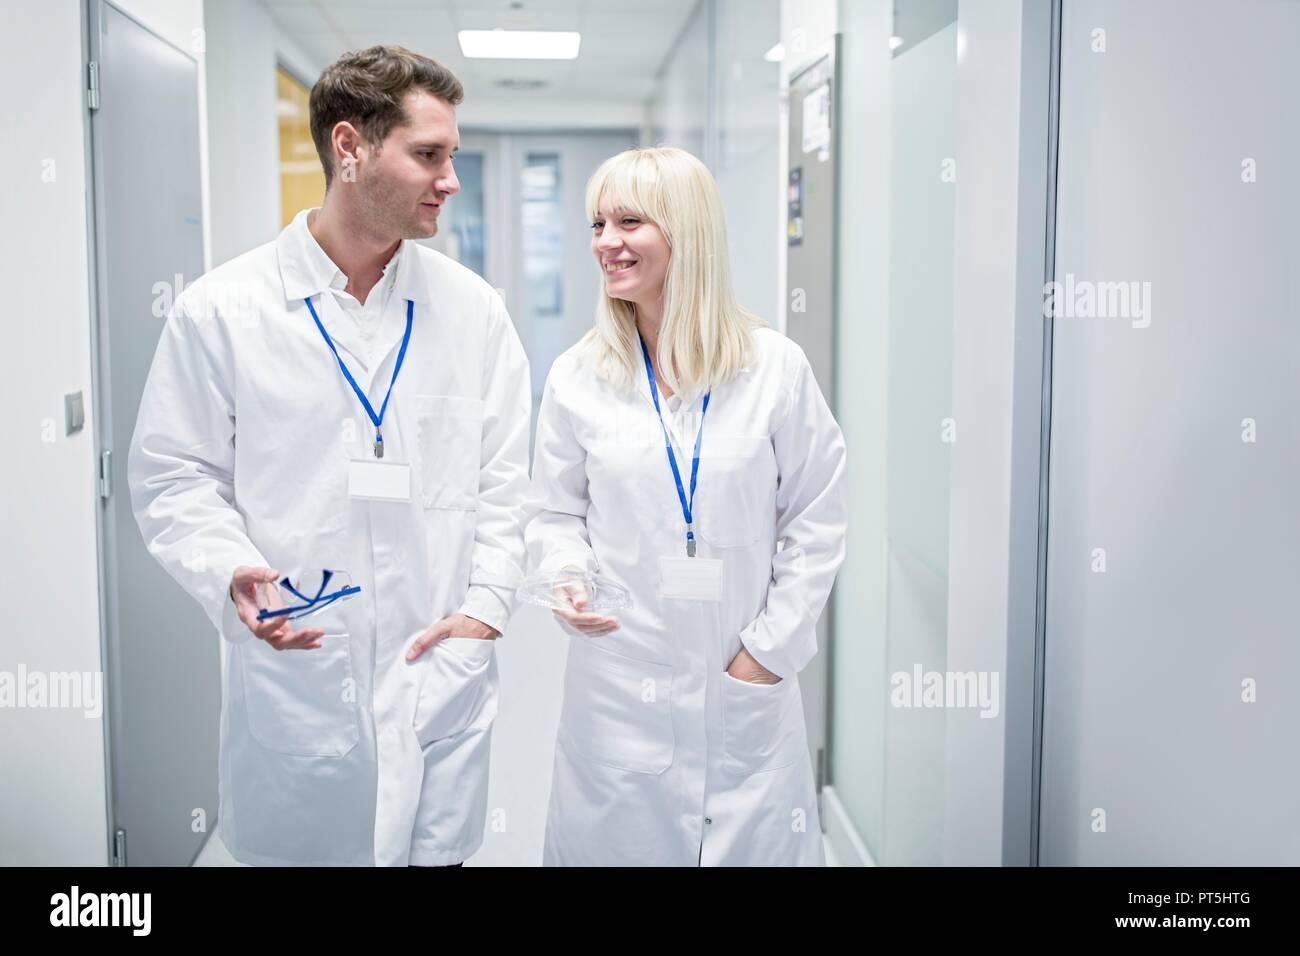 Maschio e femmina di dottori in camici camminare in corridoio. Foto Stock